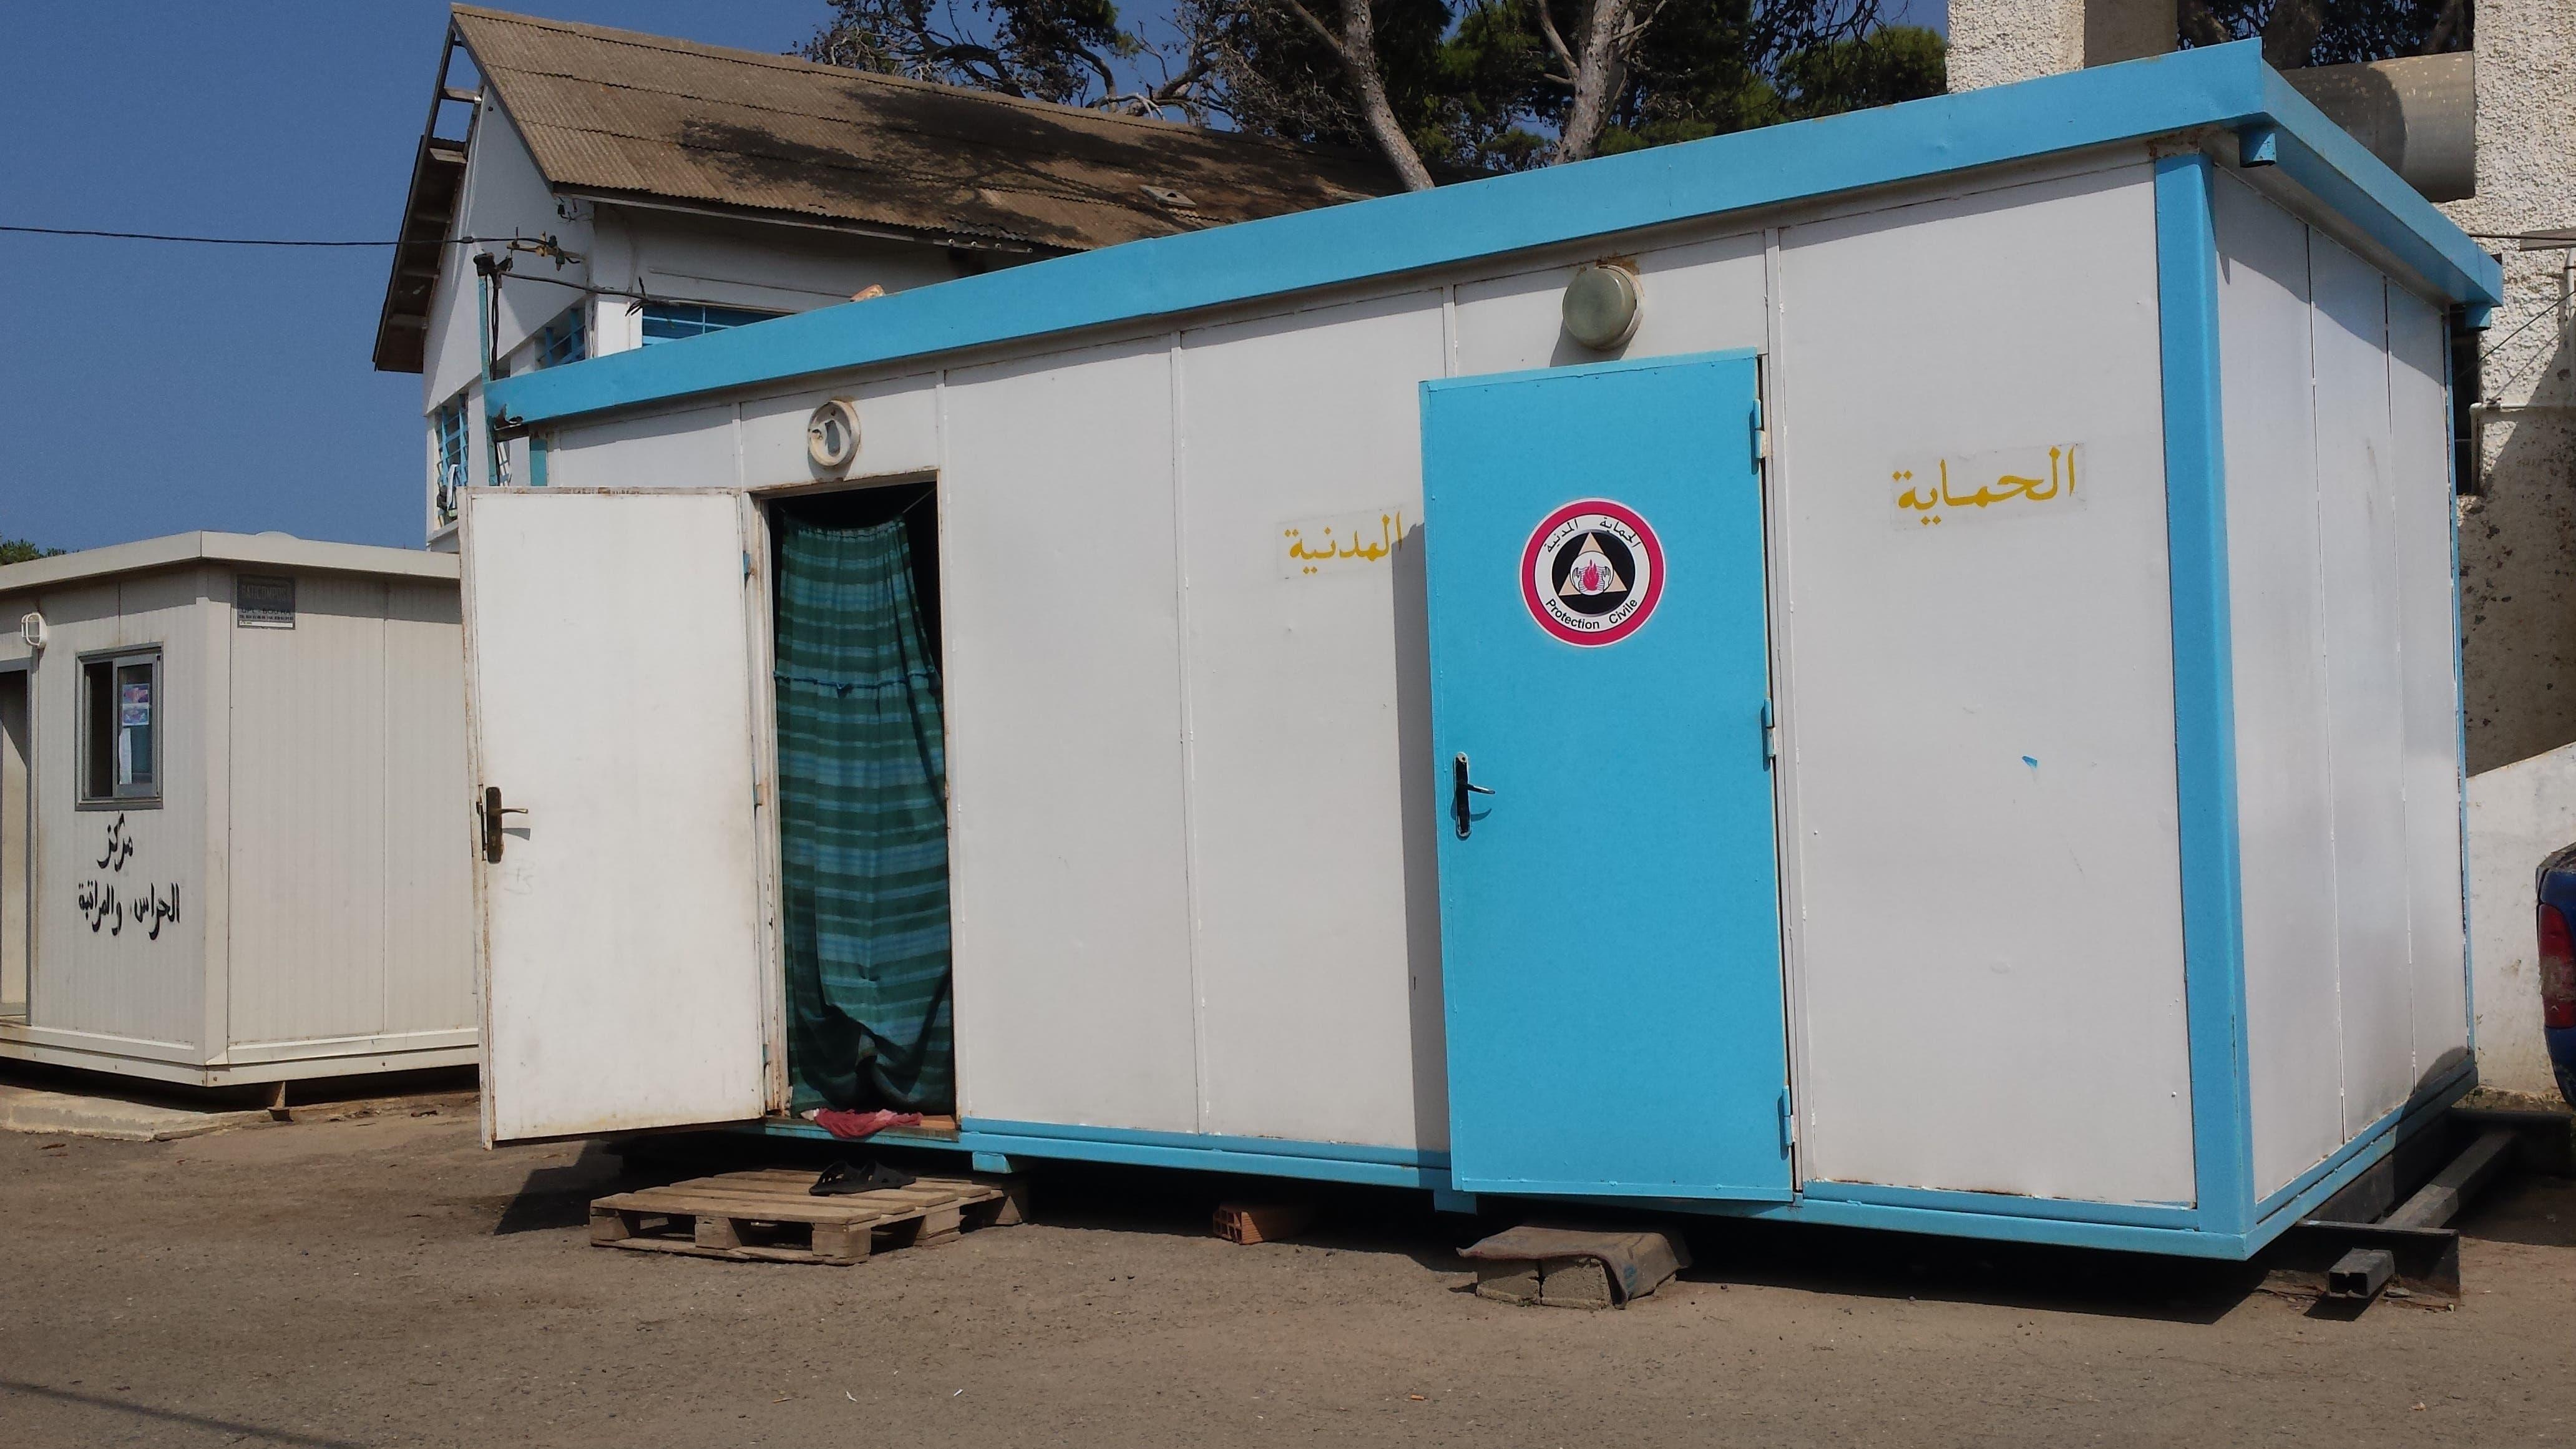 مشهد من مركز إيواء السوريين في سيدي فرج بالجزائر